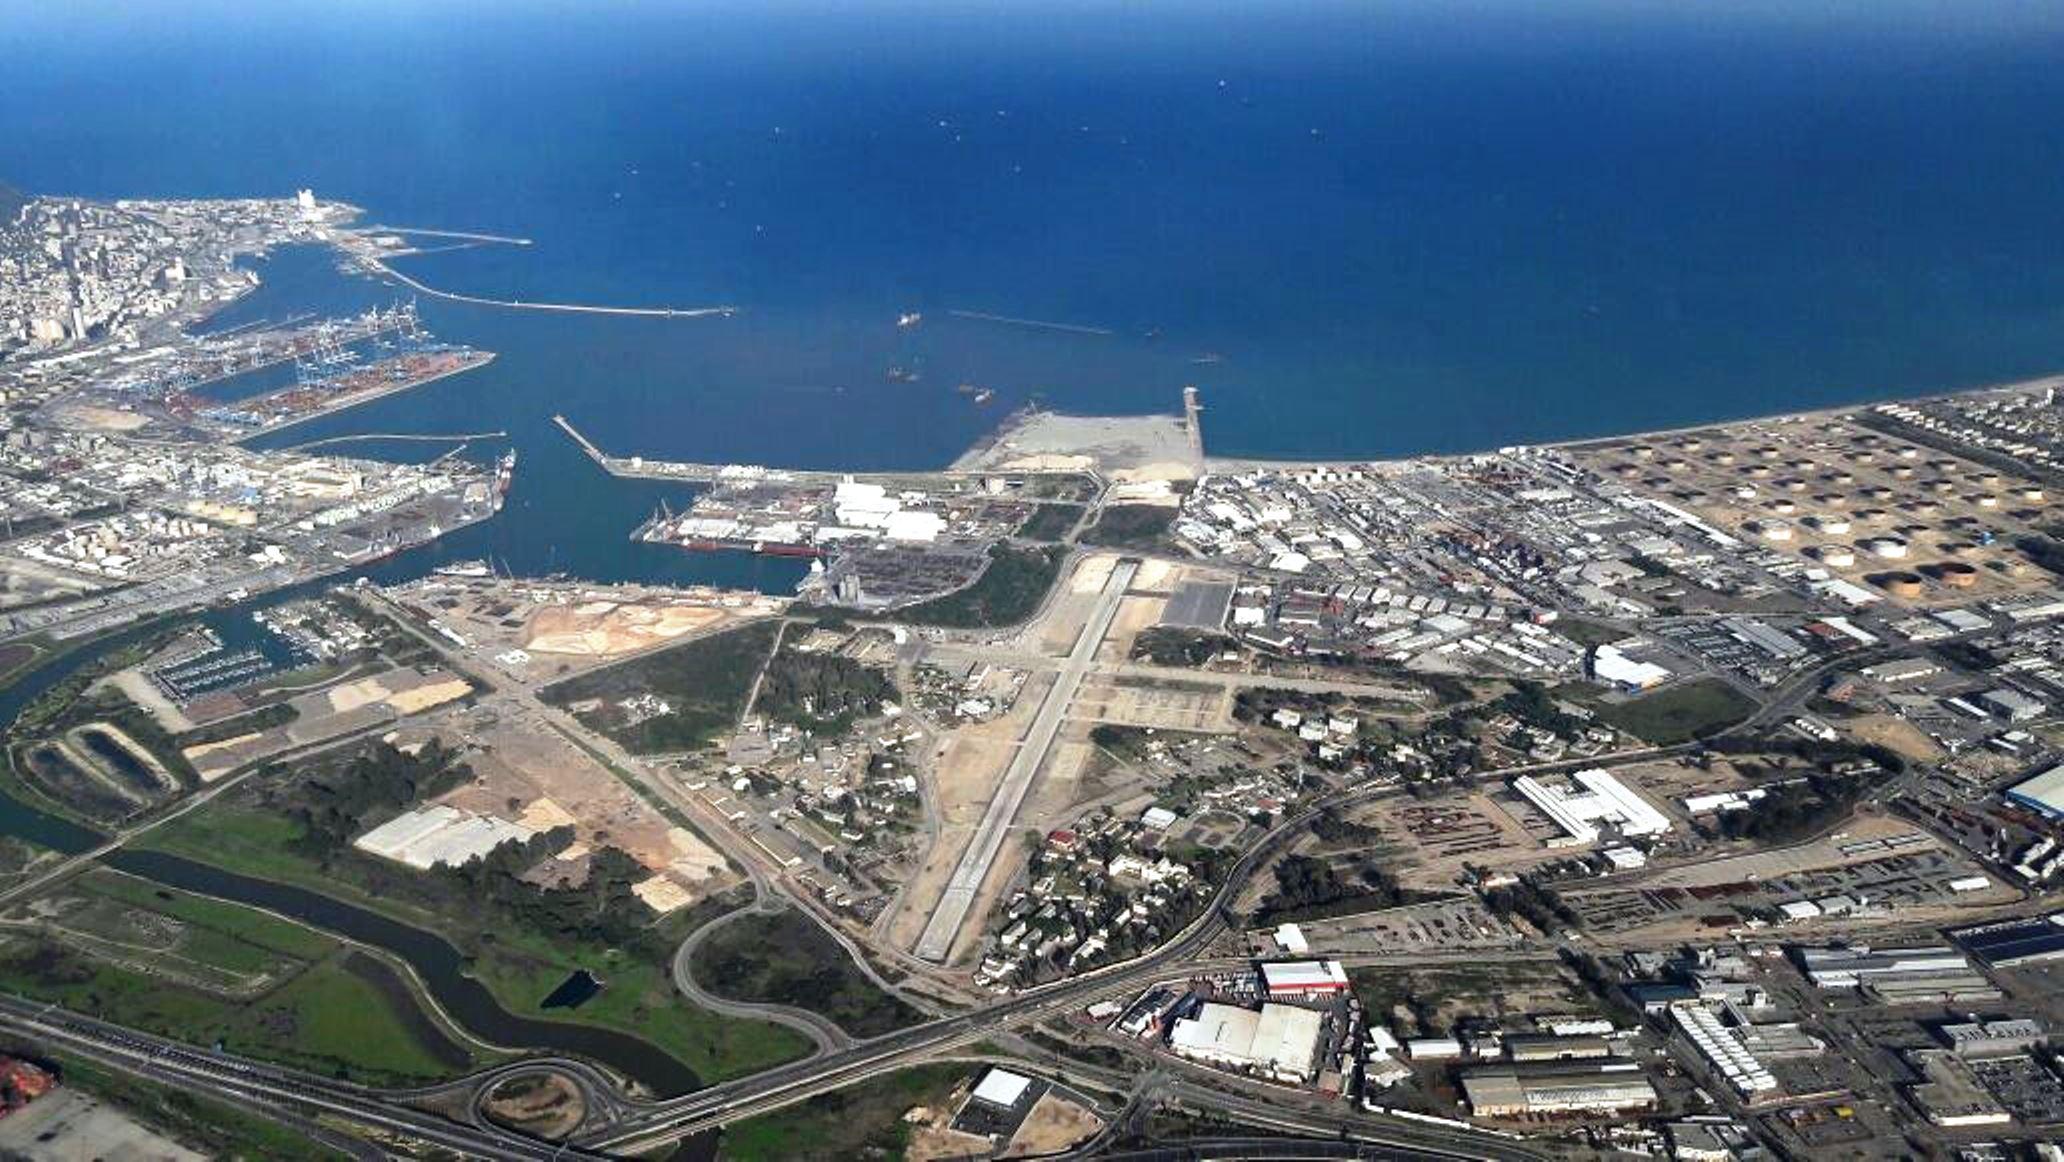 לחיפה הזדמנות להקמת שדה תעופה בינלאומי